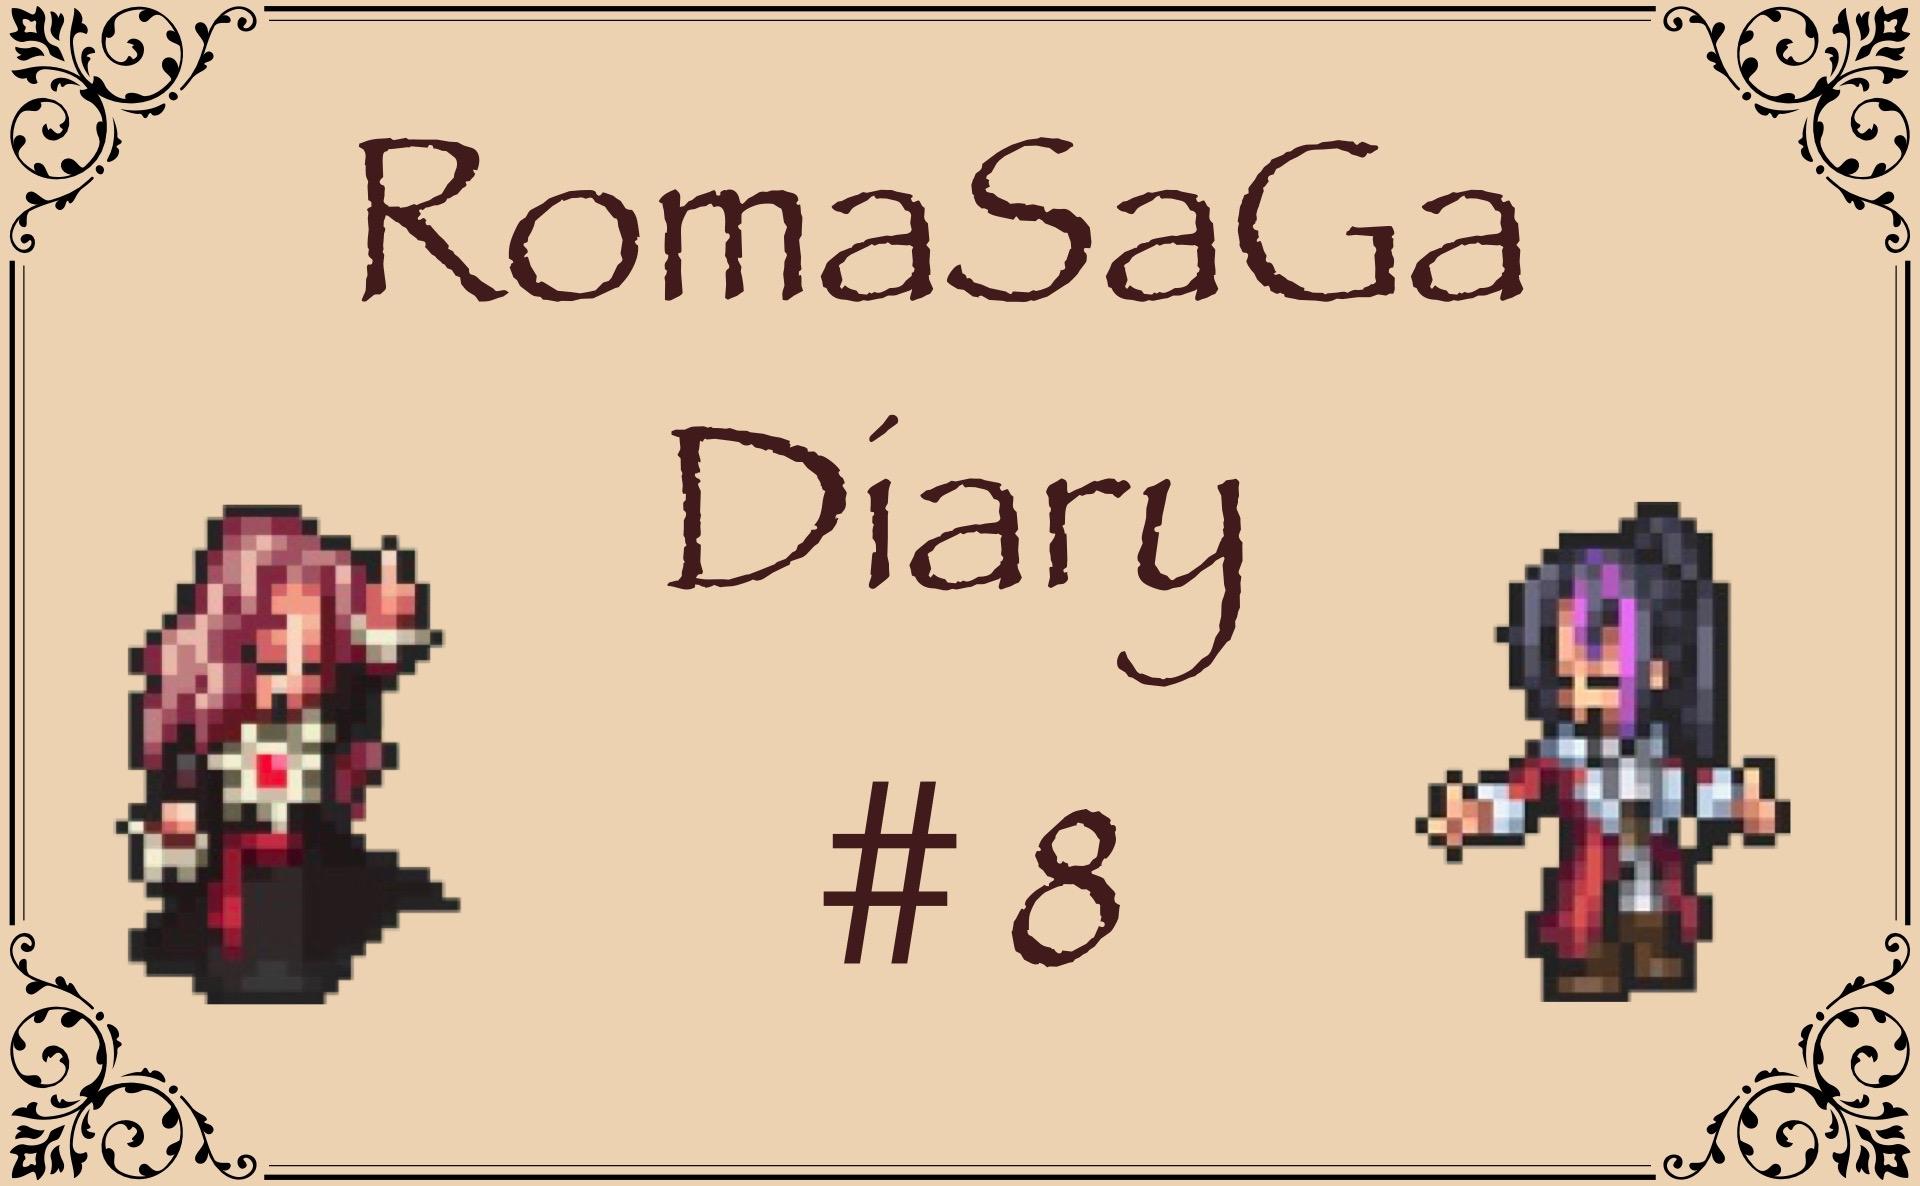 ロマサガDiary#8